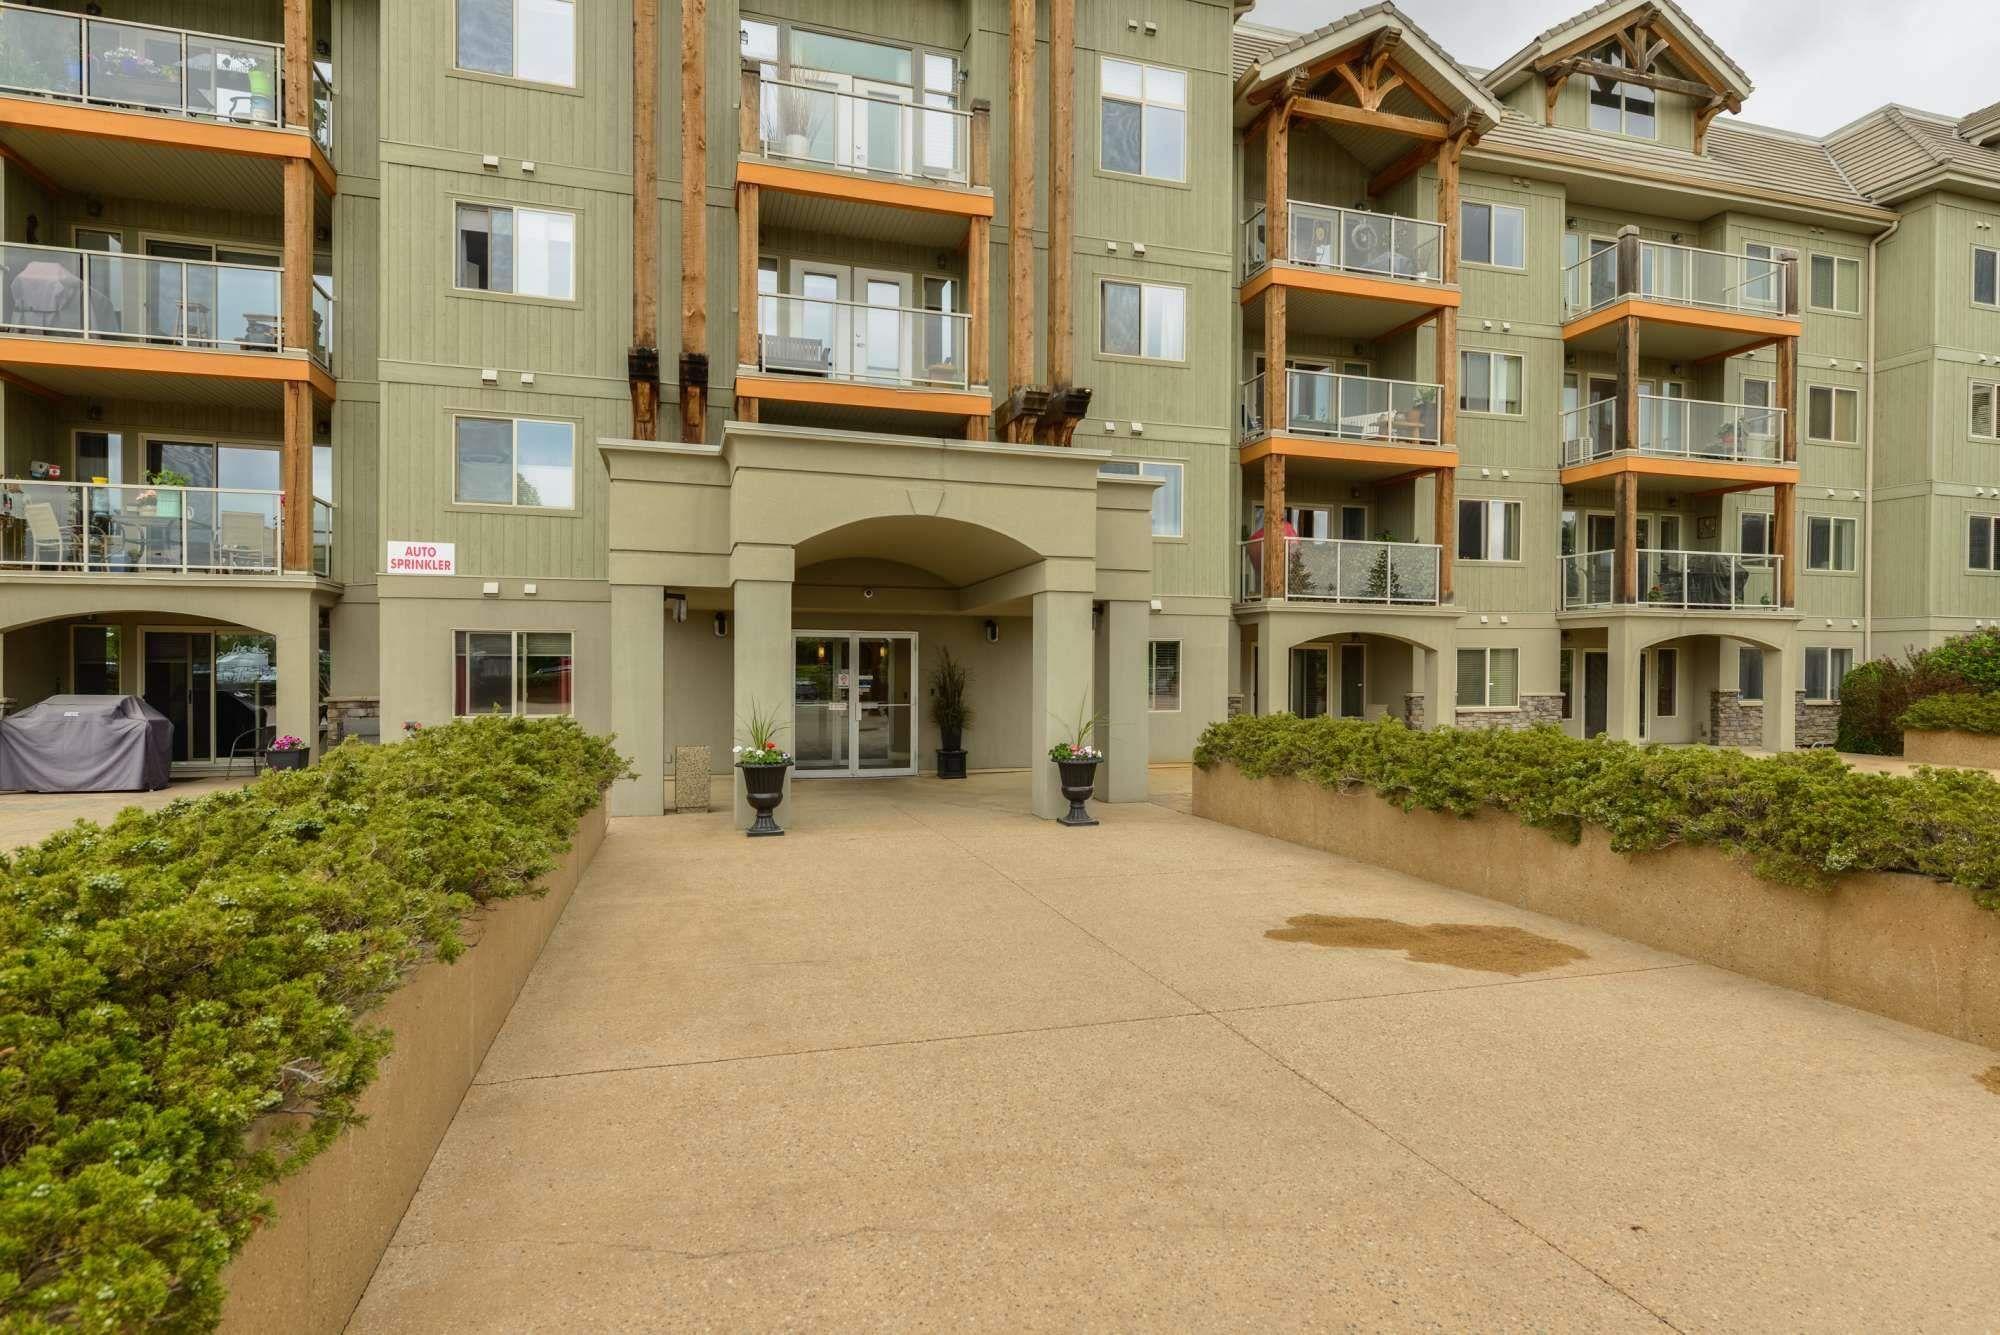 Main Photo: 427 278 SUDER GREENS Drive in Edmonton: Zone 58 Condo for sale : MLS®# E4249170